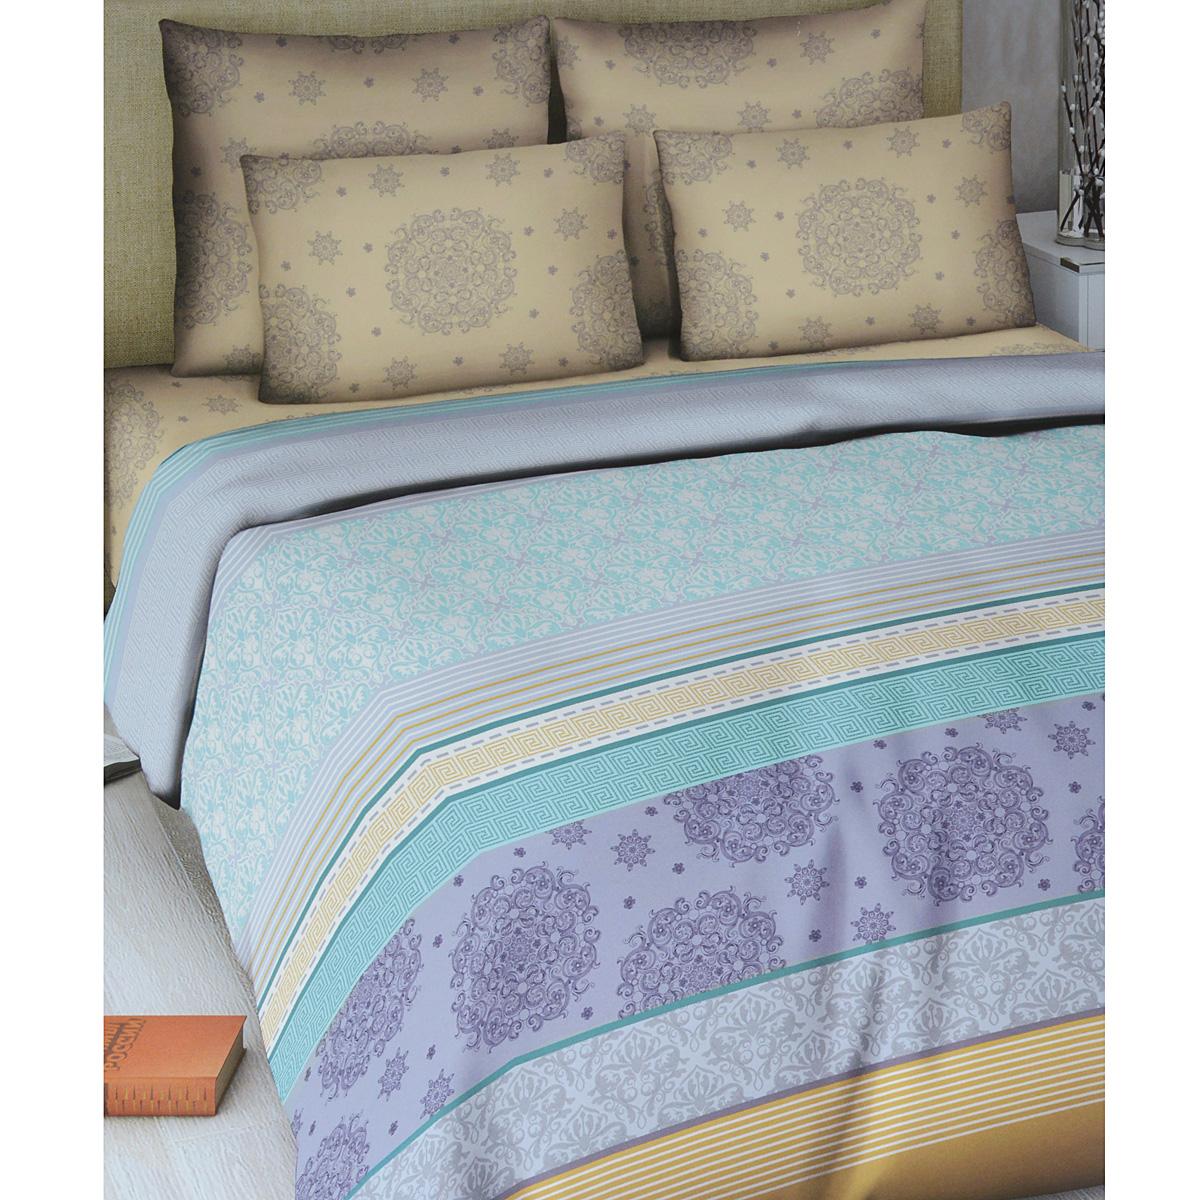 Комплект белья Василиса Элегия, 2-спальный, наволочки 70х70, цвет: бежевый, светло-серый, бирюзовый